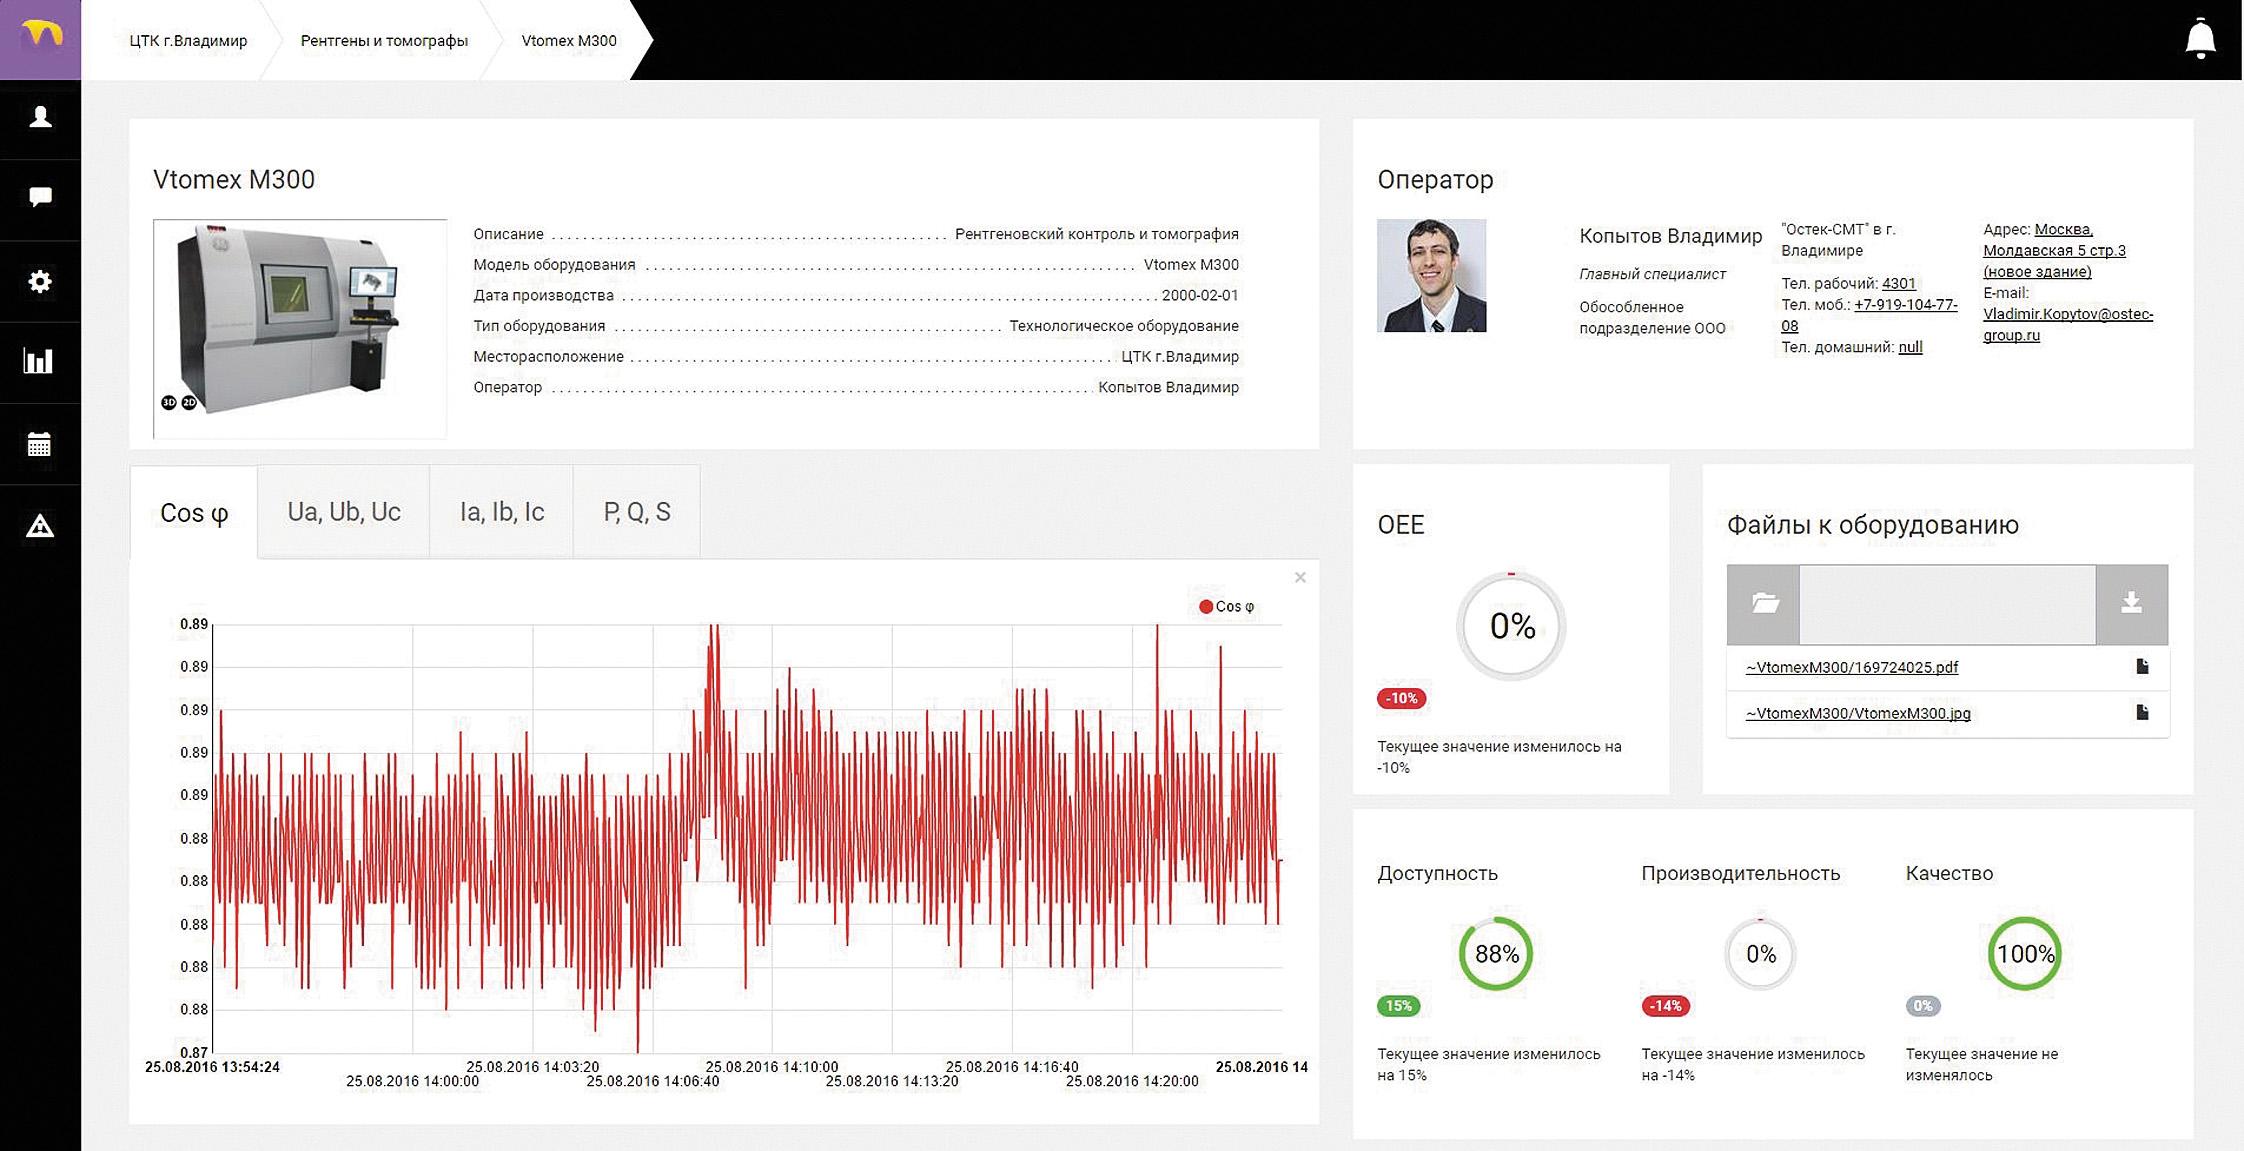 Экран анализа причин простоев станка